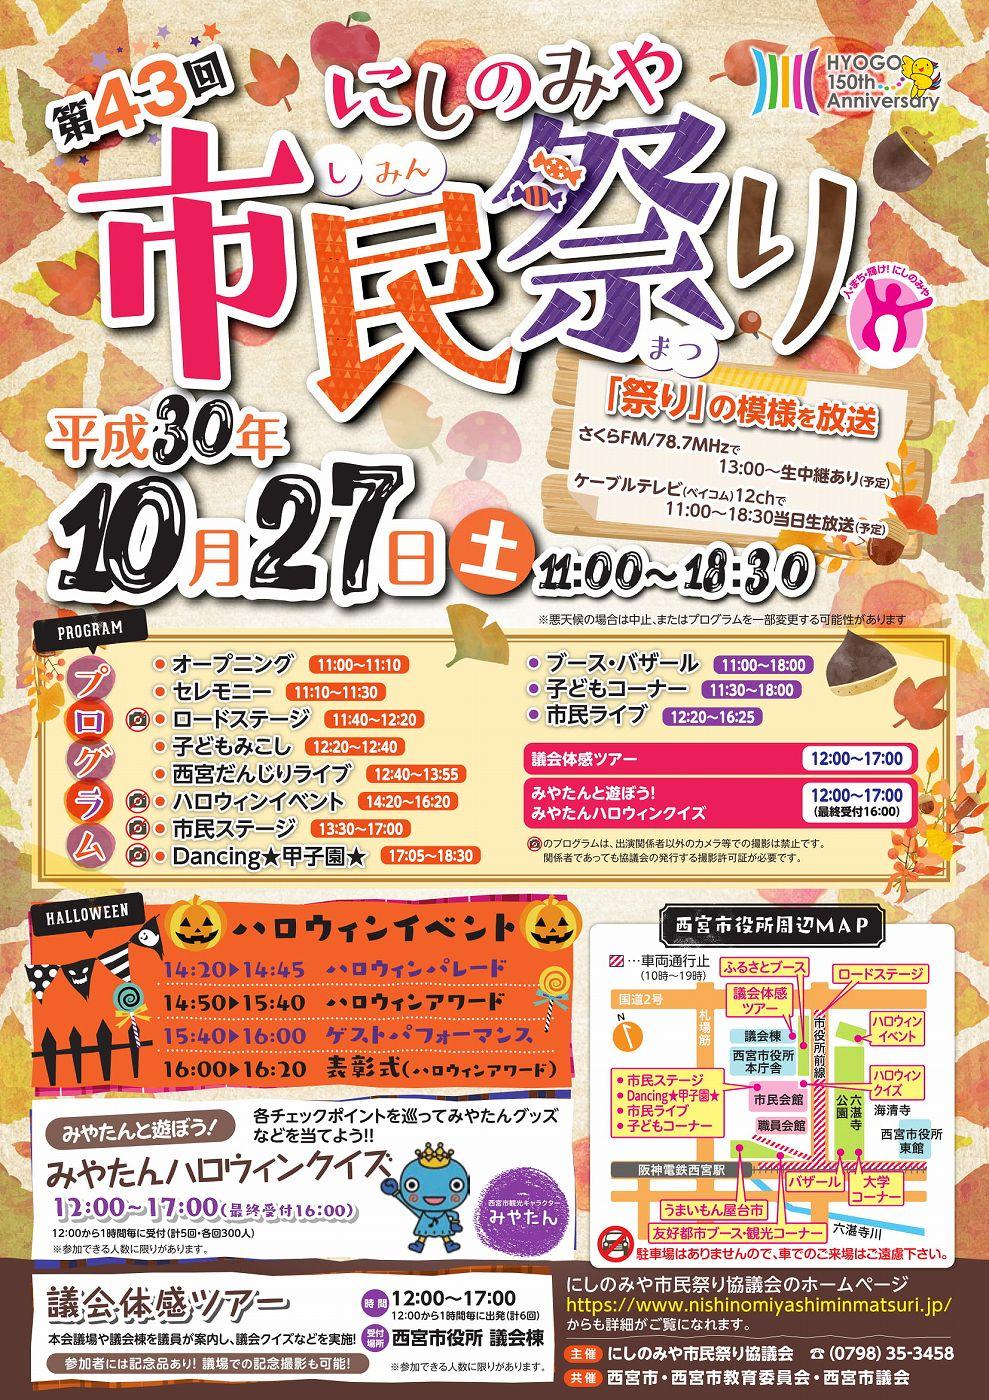 西宮市役所の周辺で10月27日(土)、「にしのみや市民祭り」が開催されるよ! #にしのみや市民祭り #西宮市 #週末イベント